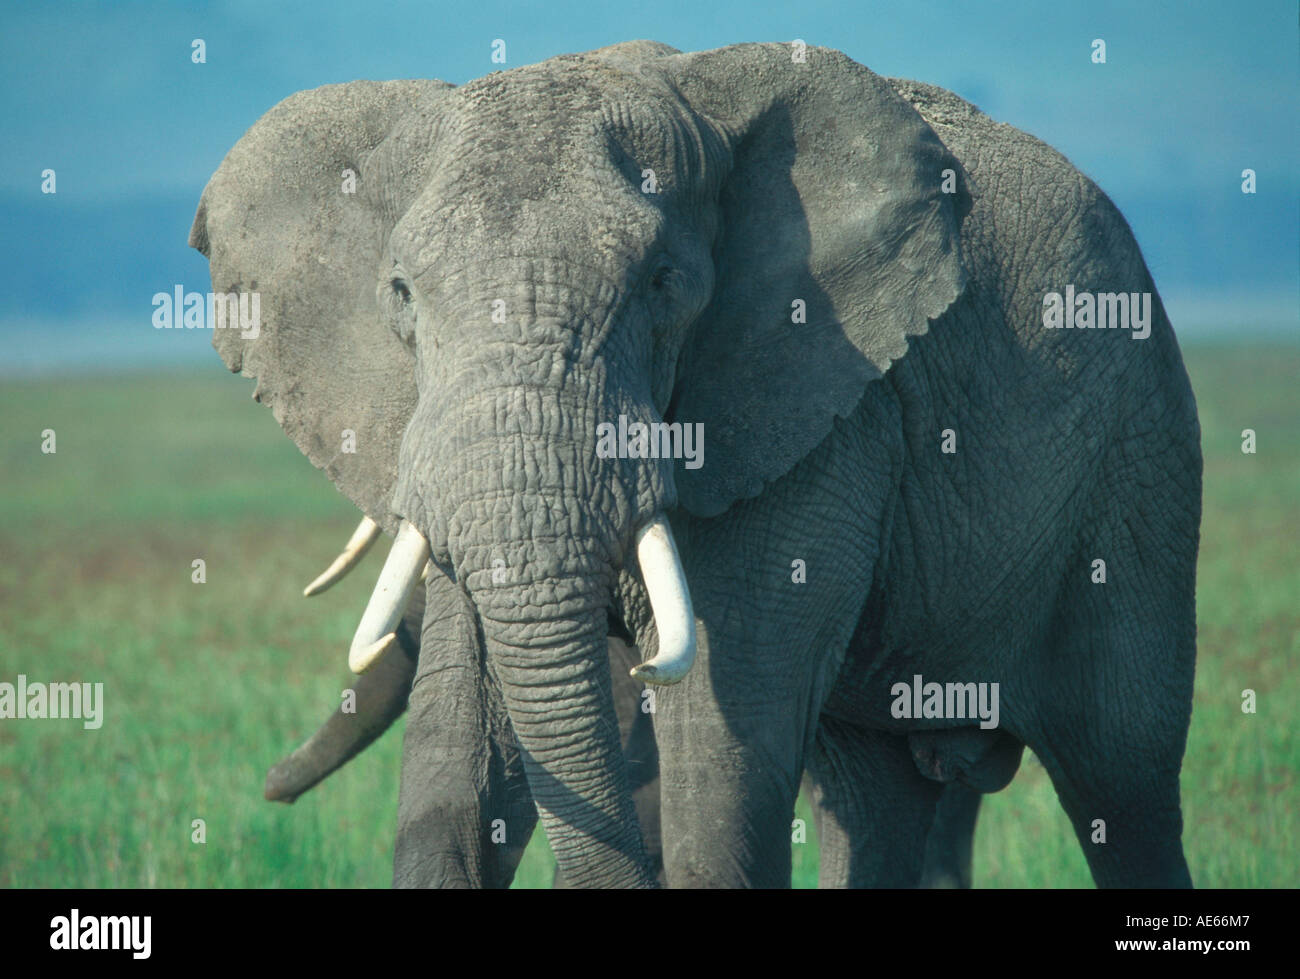 African Elephant, Ngorongoro crater, Tansania / (Loxodonta africana) - Stock Image